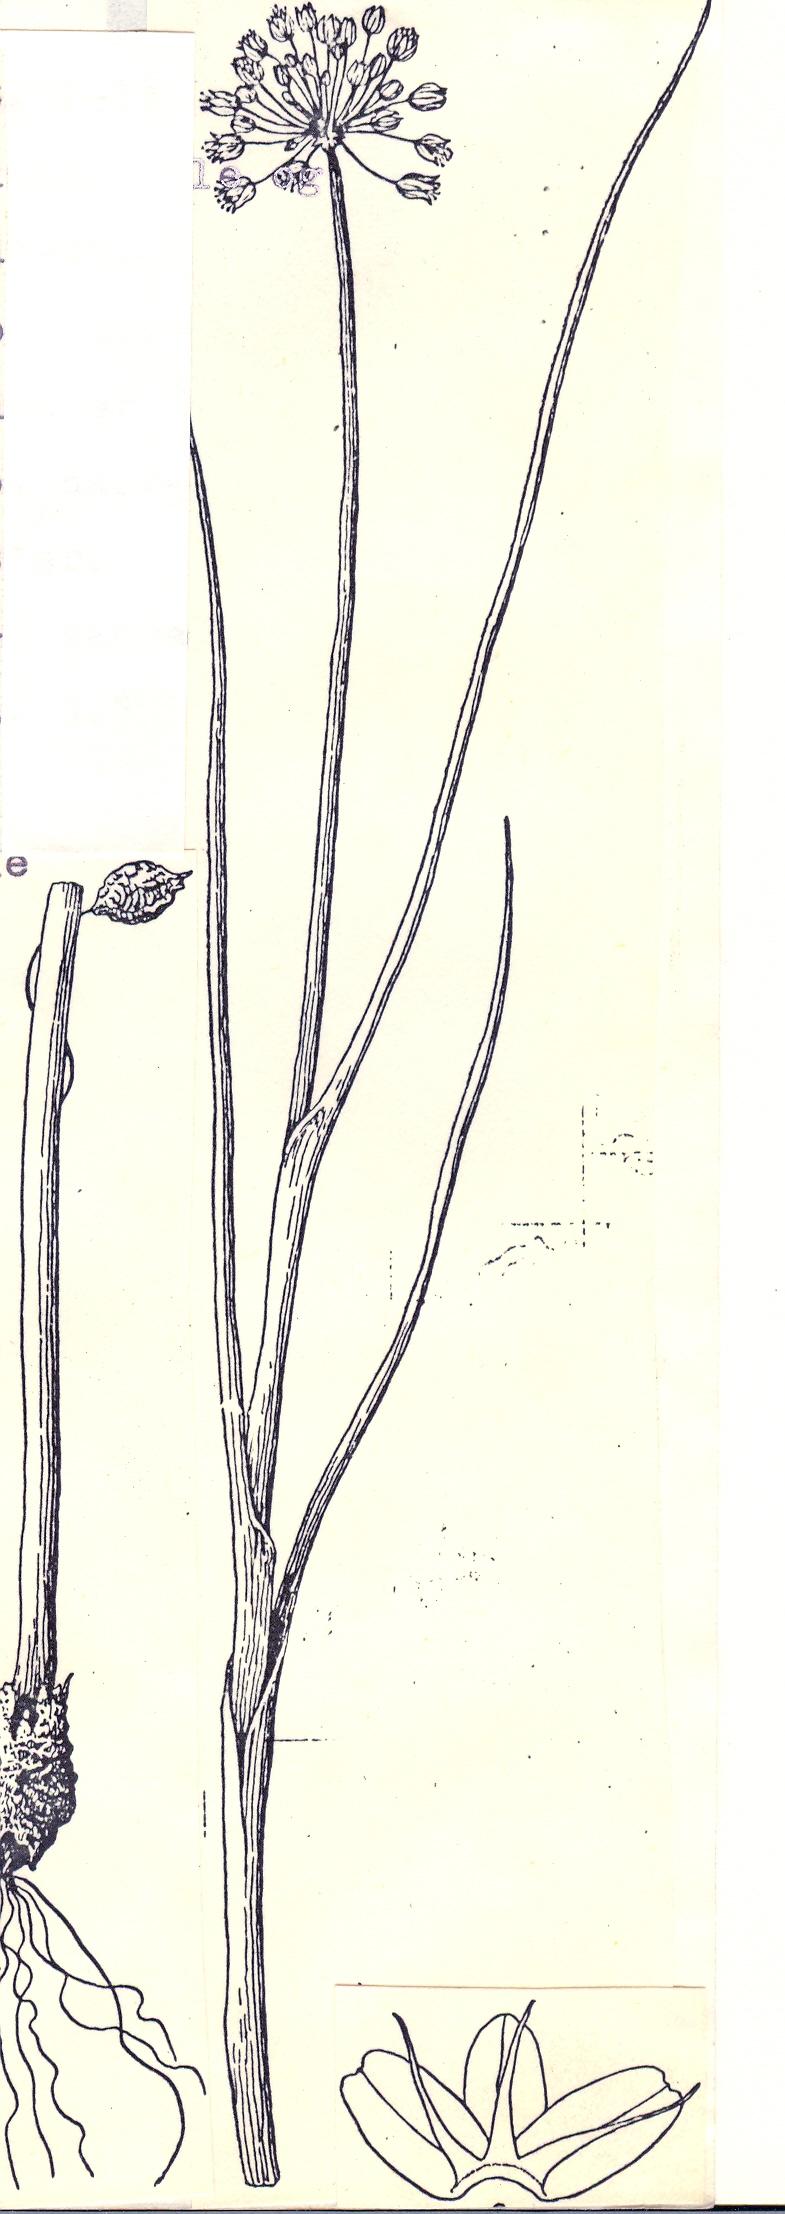 Allium%20incrustatum.jpg